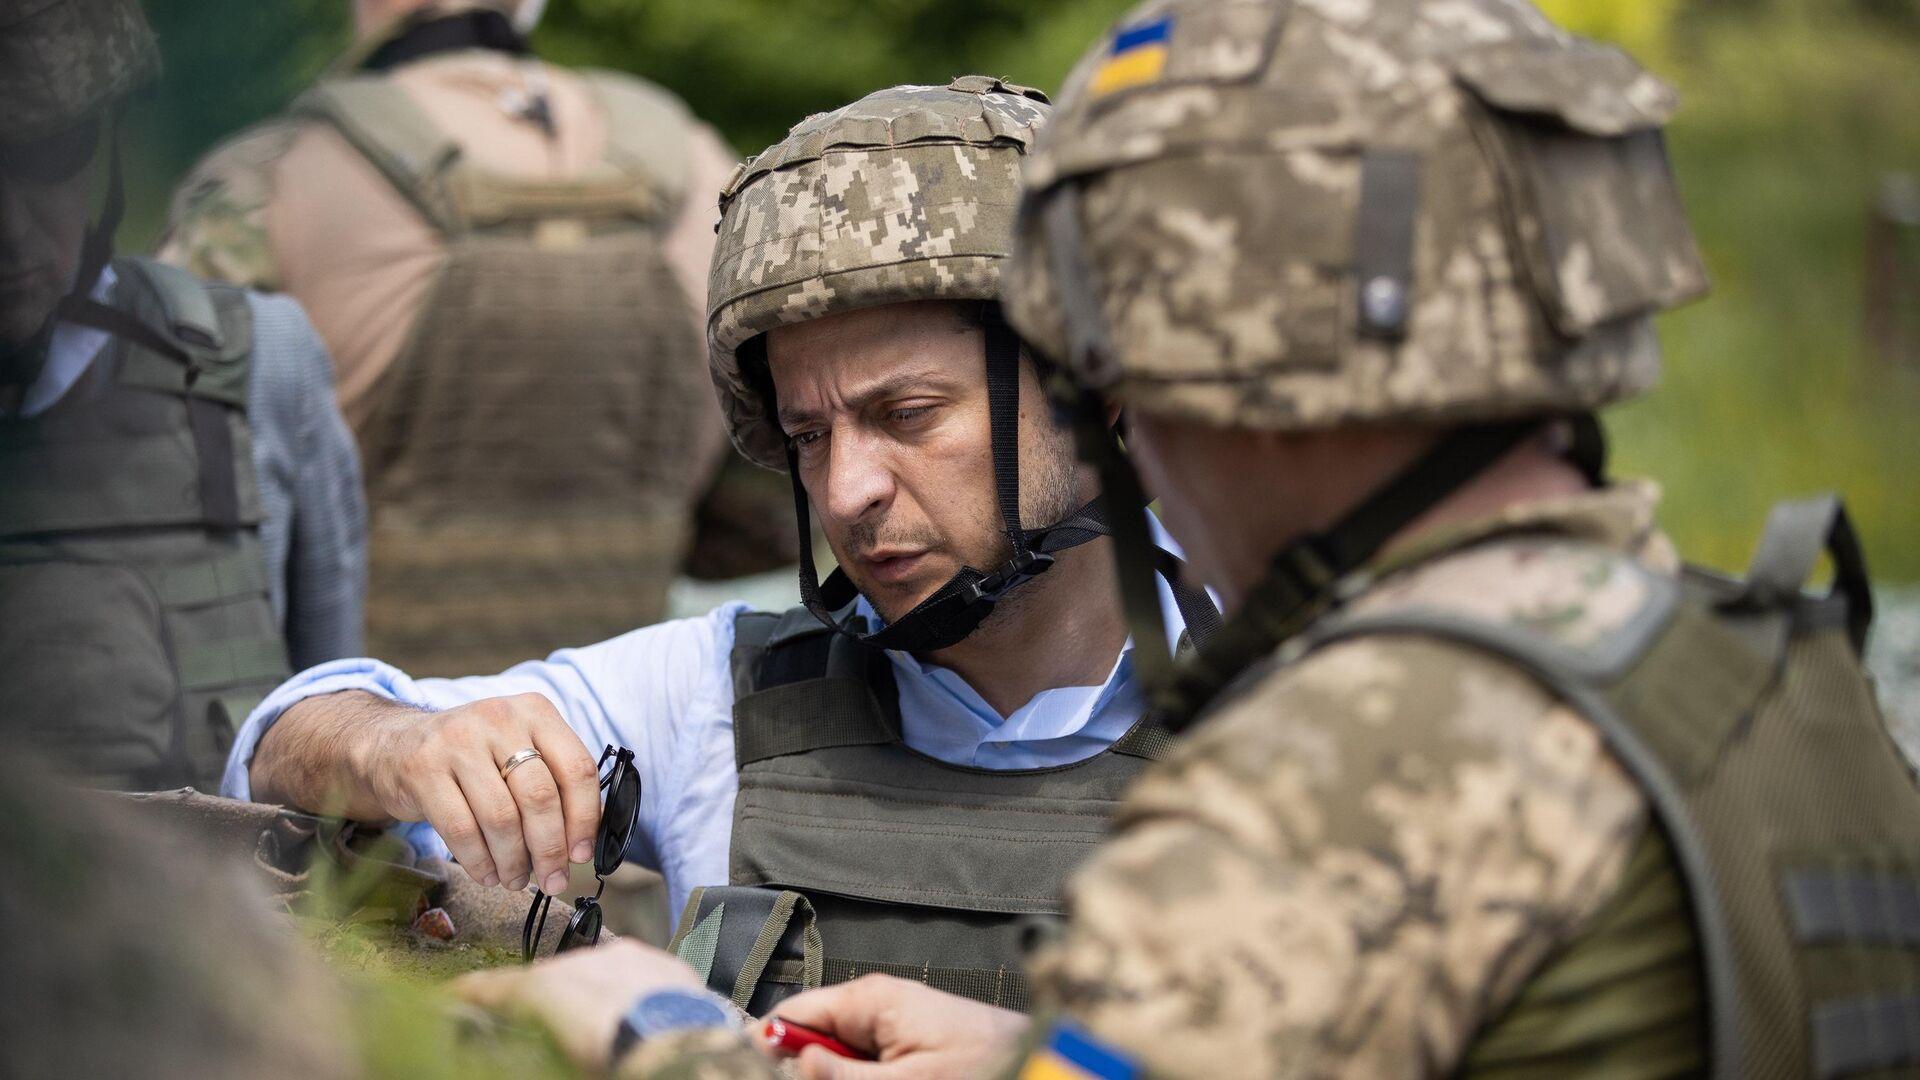 Президент Украины Владимир Зеленский во время визита в Донбасс - РИА Новости, 1920, 21.01.2021